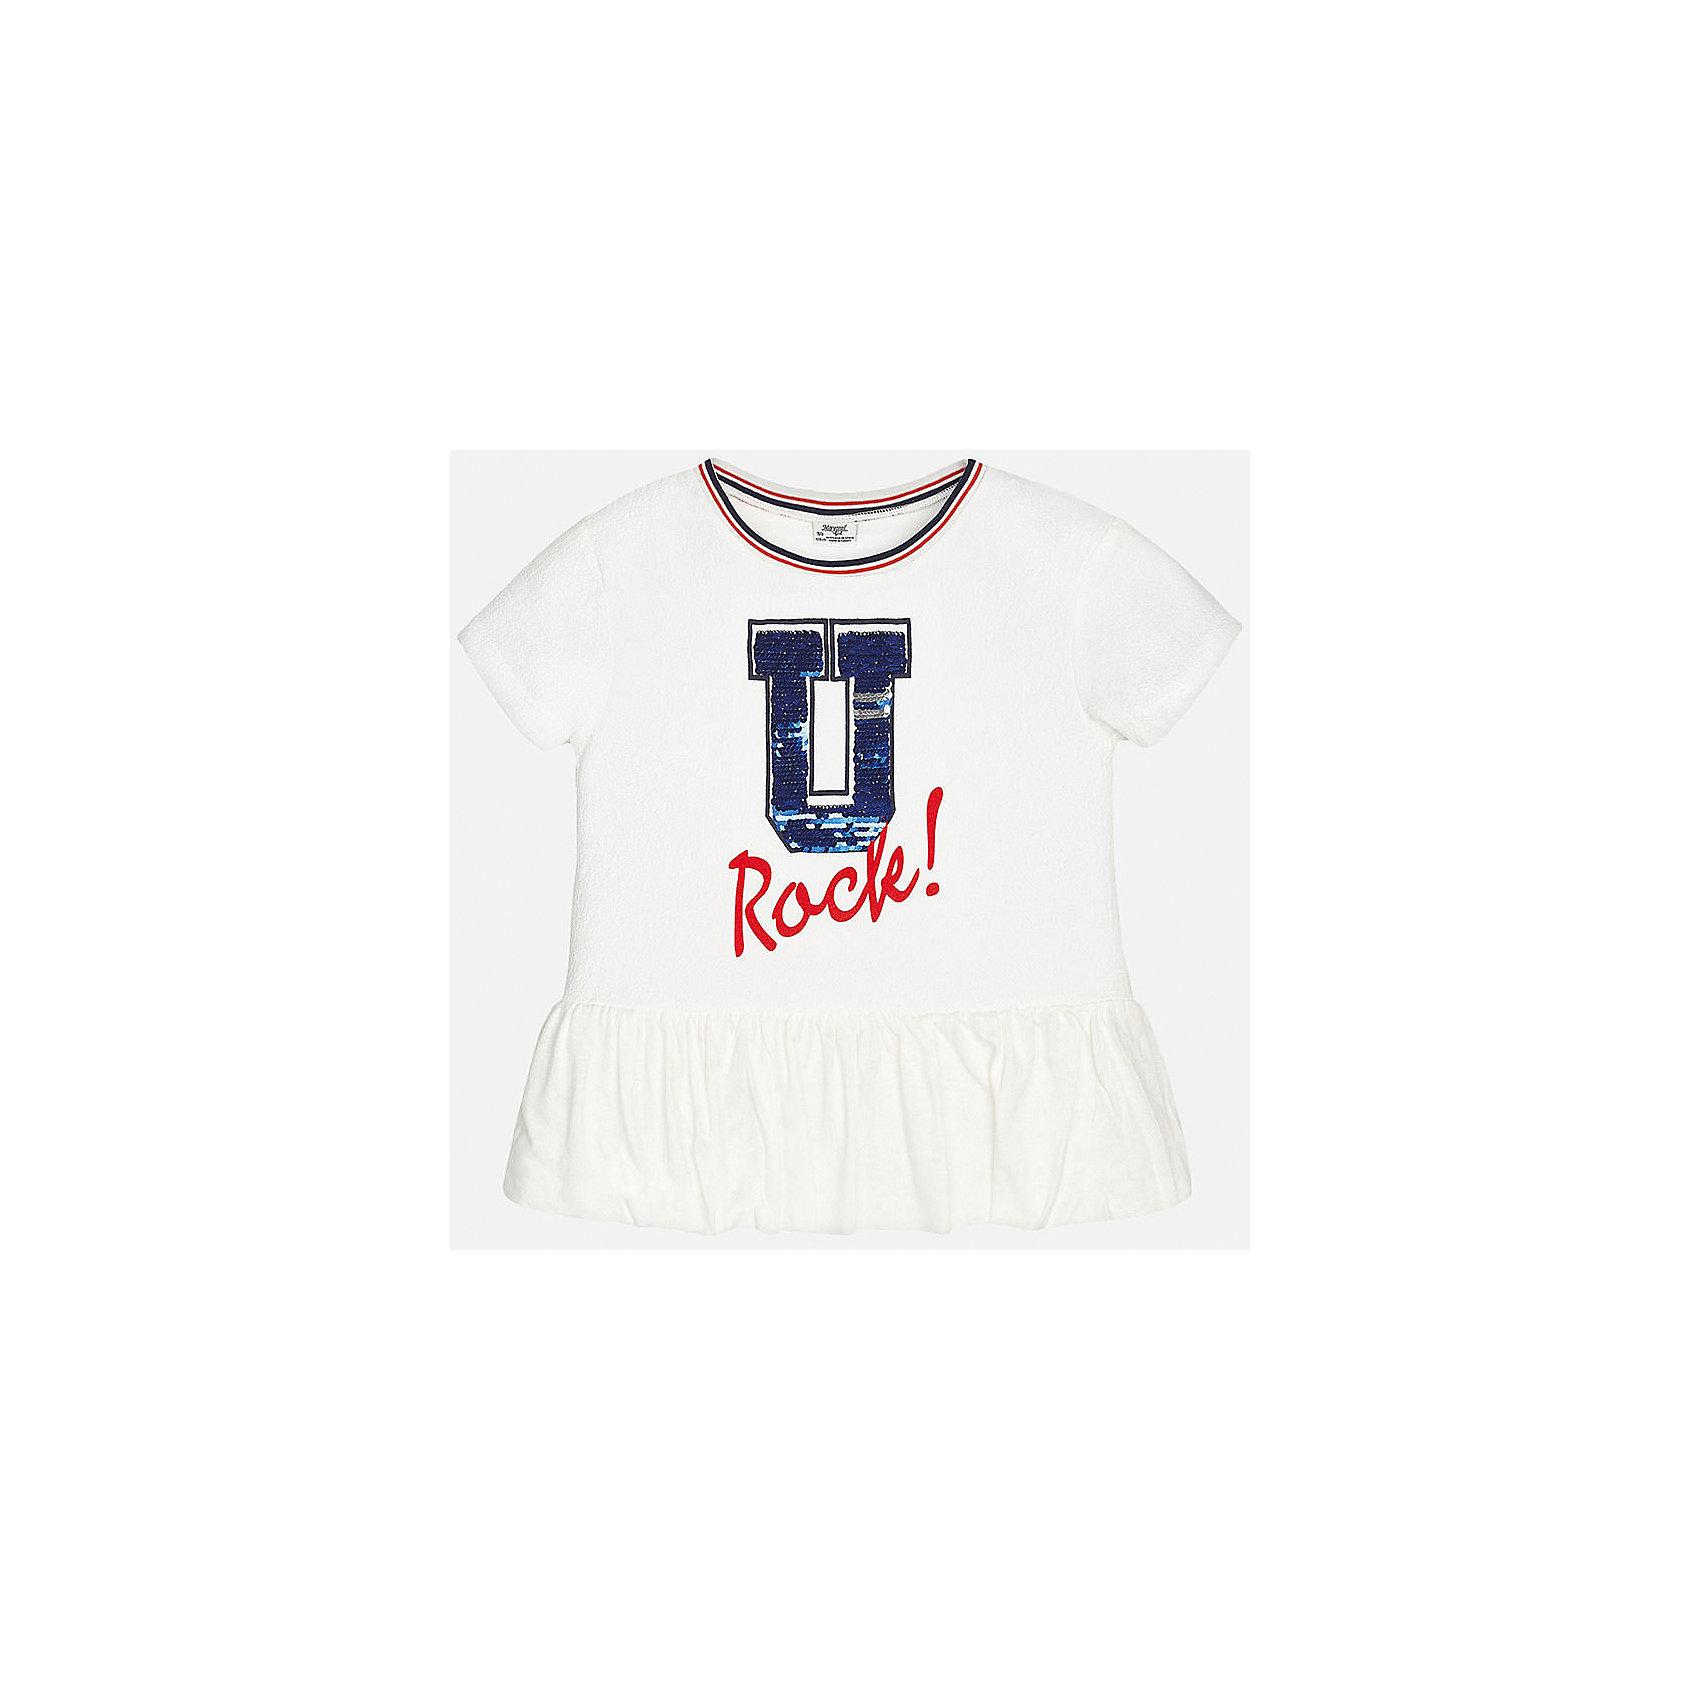 Футболка для девочки MayoralФутболки, поло и топы<br>Характеристики товара:<br><br>• цвет: белый<br>• состав: 97% полиэстер, 3% эластан<br>• контрастная отделка ворота<br>• декорирована пайетками<br>• короткие рукава<br>• принт<br>• страна бренда: Испания<br><br>Стильная оригинальная футболка для девочки поможет разнообразить гардероб ребенка и украсить наряд. Она отлично сочетается и с юбками, и с шортами, и с брюками. Универсальный цвет позволяет подобрать к вещи низ практически любой расцветки. Интересная отделка модели делает её нарядной и оригинальной. <br><br>Одежда, обувь и аксессуары от испанского бренда Mayoral полюбились детям и взрослым по всему миру. Модели этой марки - стильные и удобные. Для их производства используются только безопасные, качественные материалы и фурнитура. Порадуйте ребенка модными и красивыми вещами от Mayoral! <br><br>Футболку для девочки от испанского бренда Mayoral (Майорал) можно купить в нашем интернет-магазине.<br><br>Ширина мм: 199<br>Глубина мм: 10<br>Высота мм: 161<br>Вес г: 151<br>Цвет: белый<br>Возраст от месяцев: 168<br>Возраст до месяцев: 180<br>Пол: Женский<br>Возраст: Детский<br>Размер: 170,128/134,140,152,158,164<br>SKU: 5300814